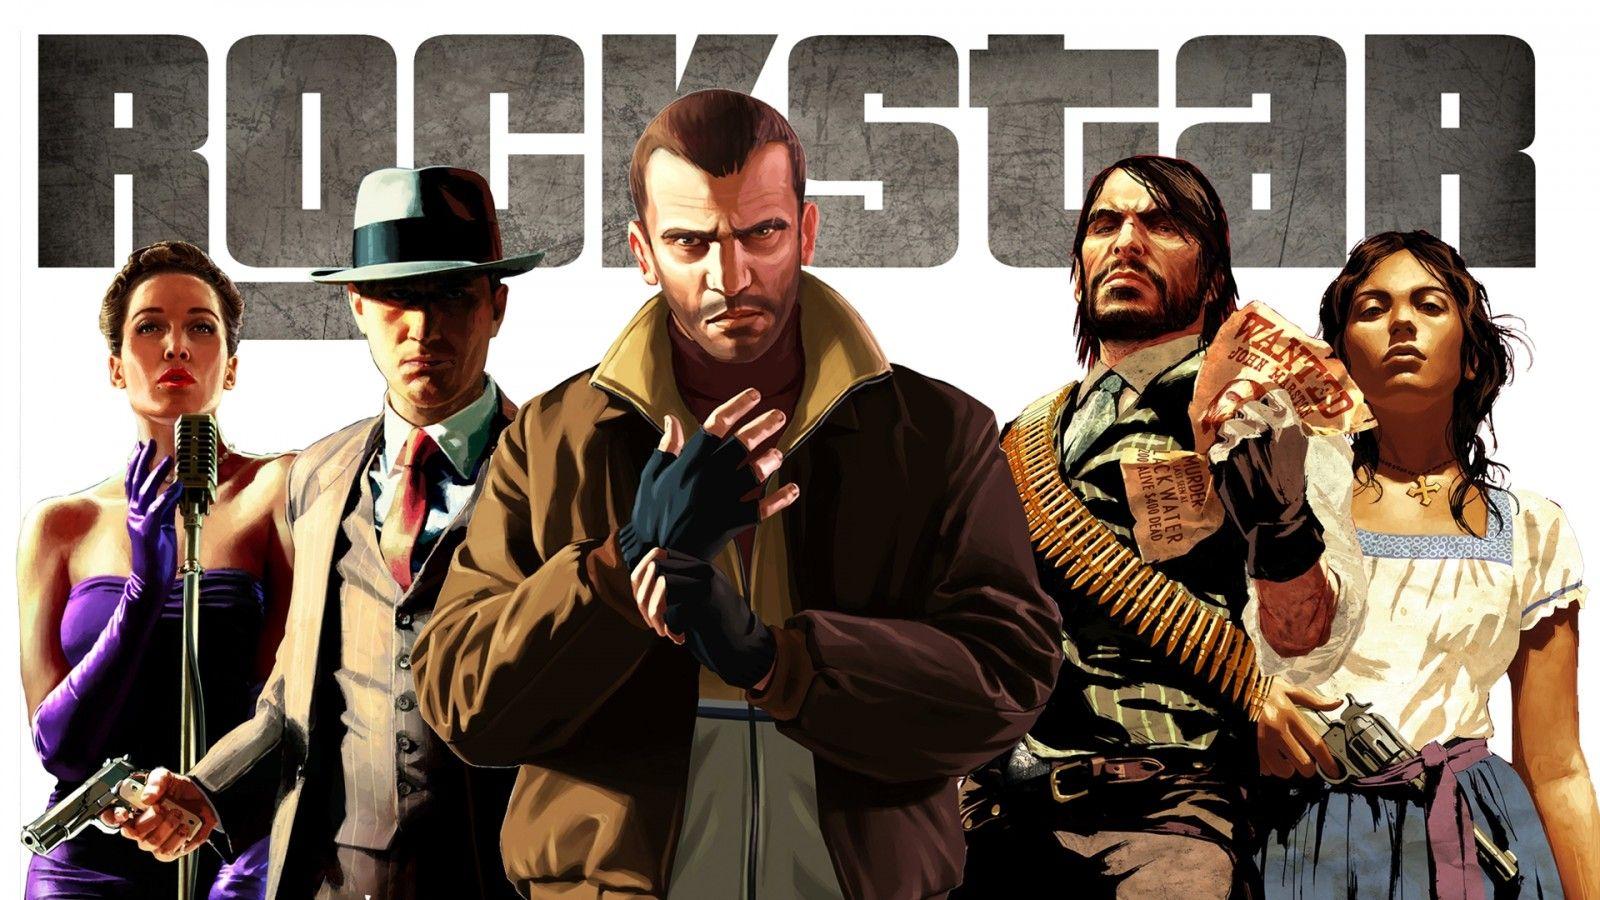 GTA Grand Theft Auto rockstar characters faces Niko Bellic